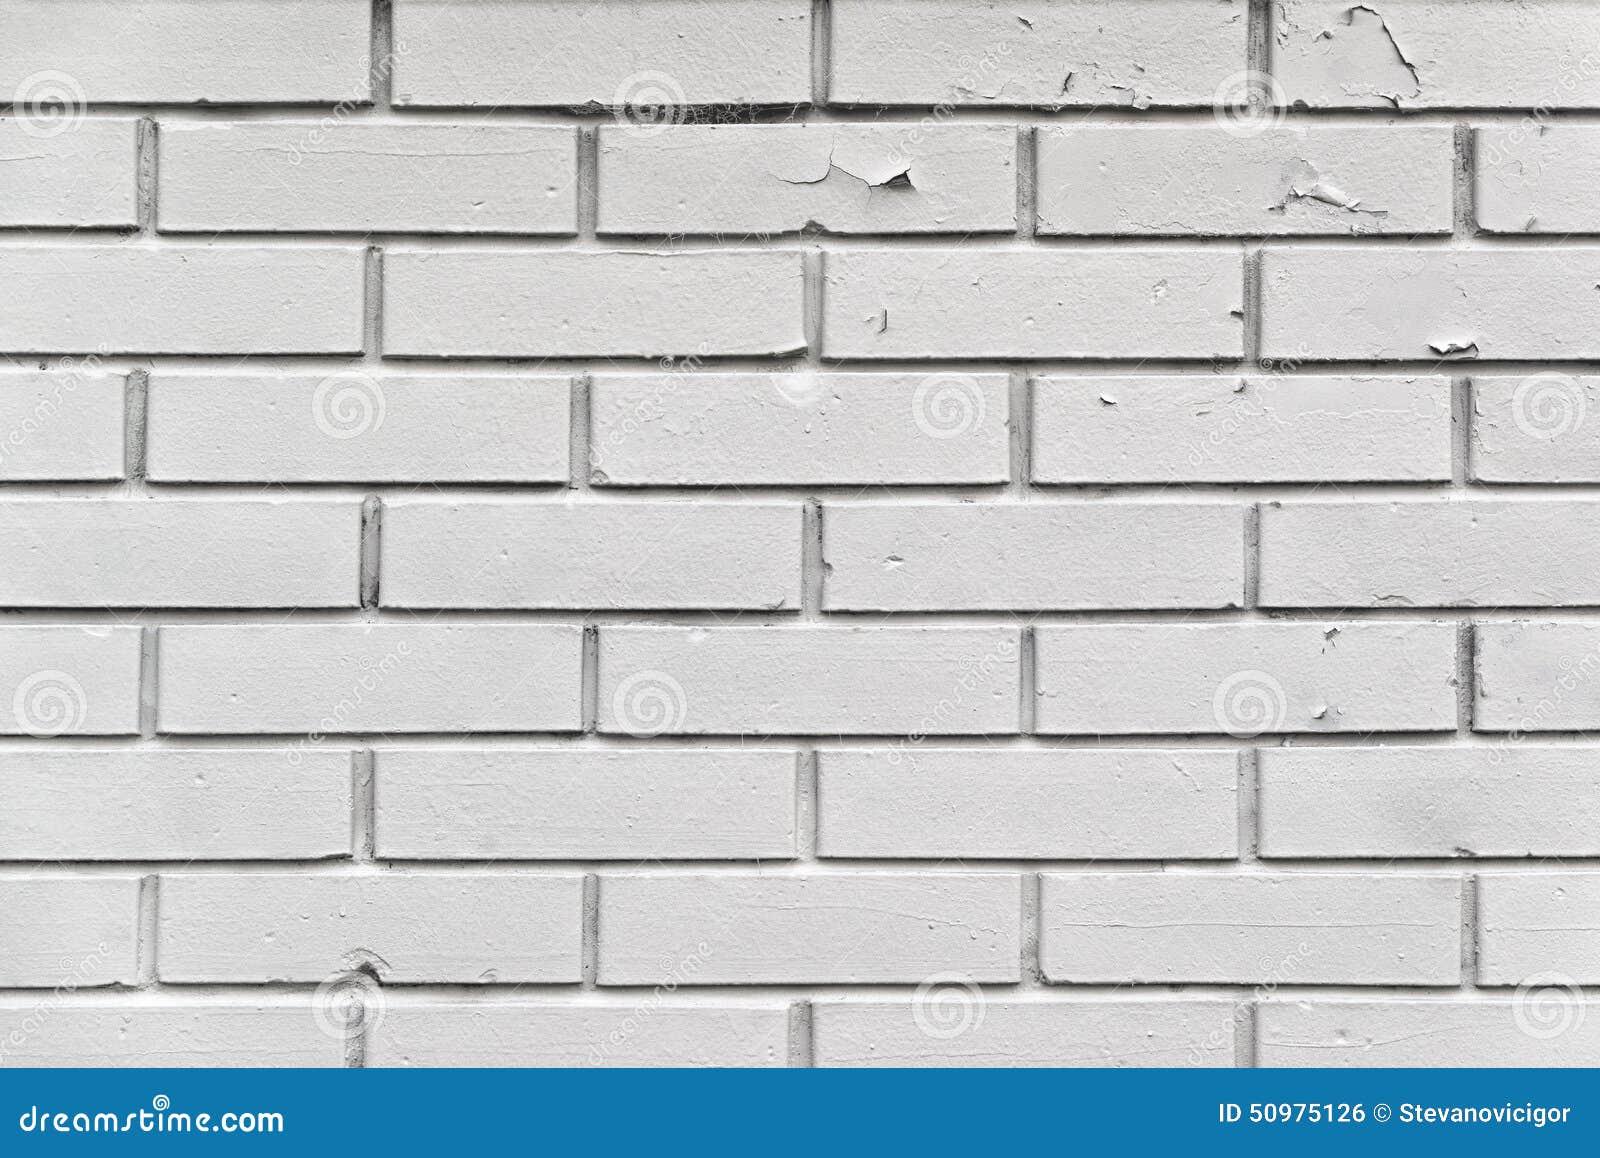 Textura blanca del modelo de la pared del ladrillo foto de - Pared ladrillo blanco ...